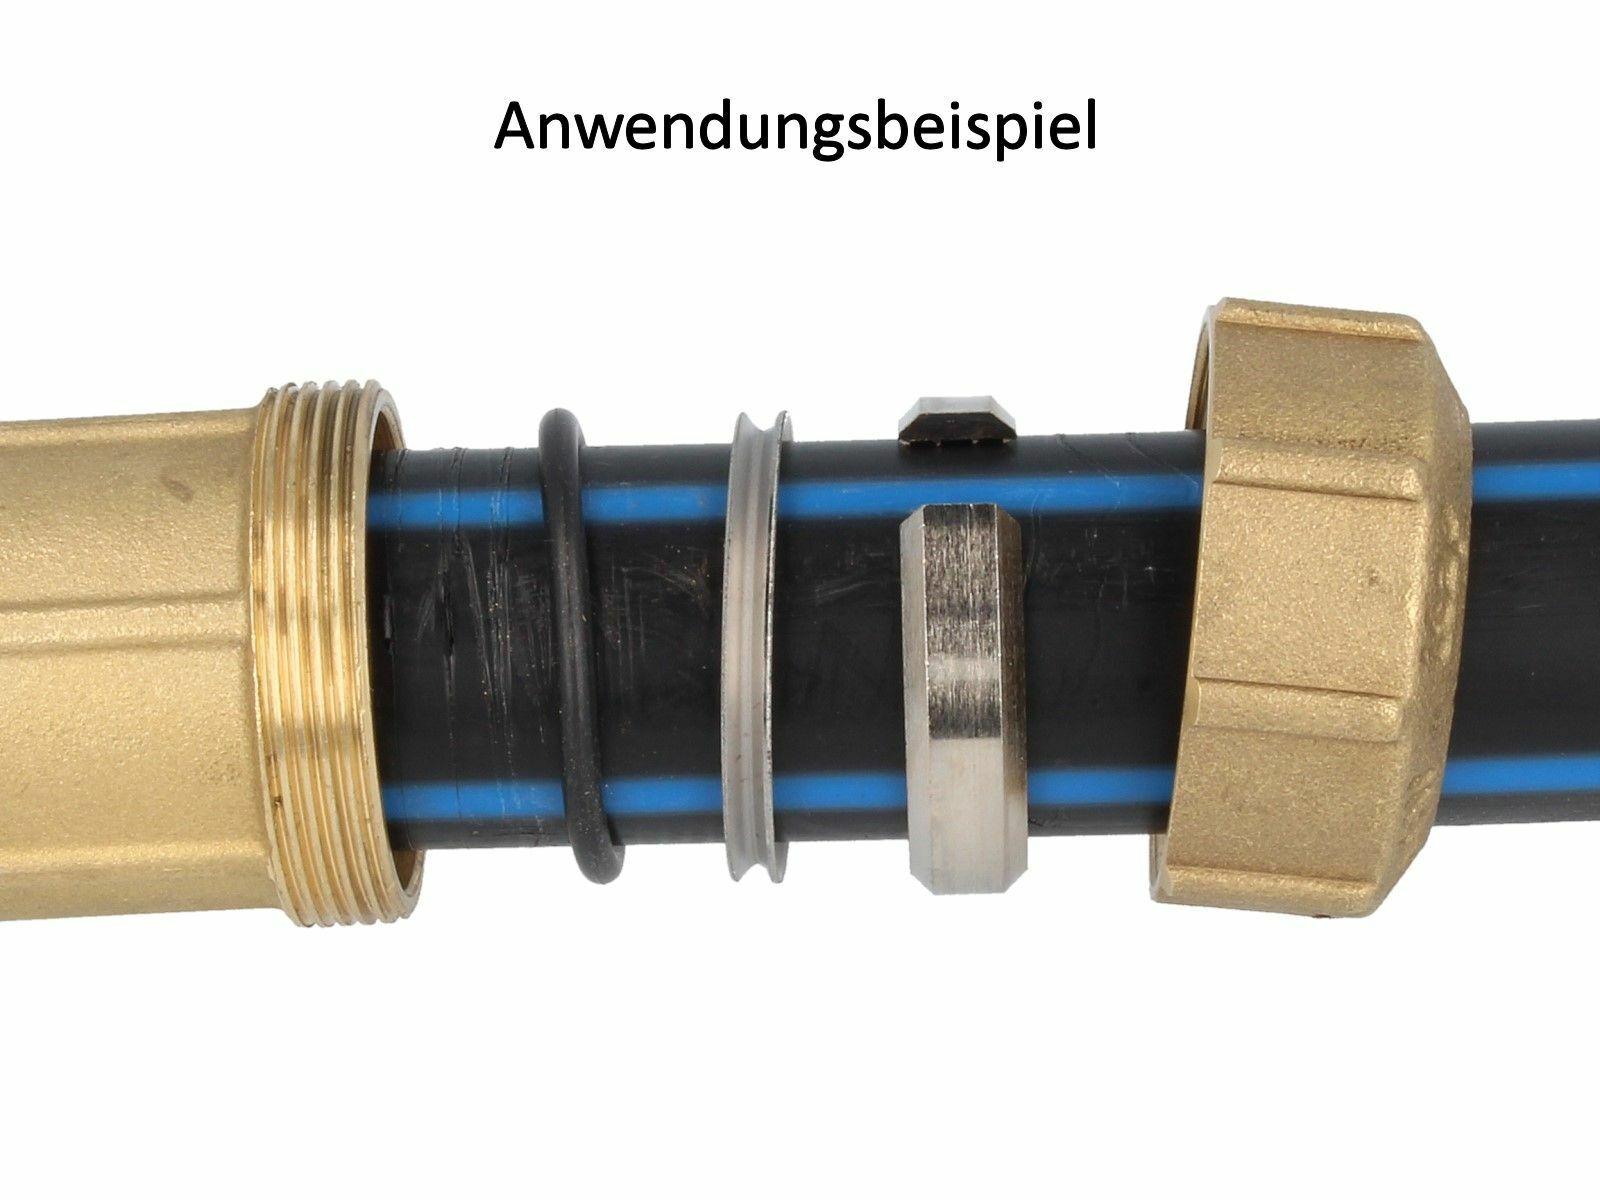 Itap VX Messing-Klemmverbinder Pièce en T avec IG pour Tube Pe Dvgw Approuvé